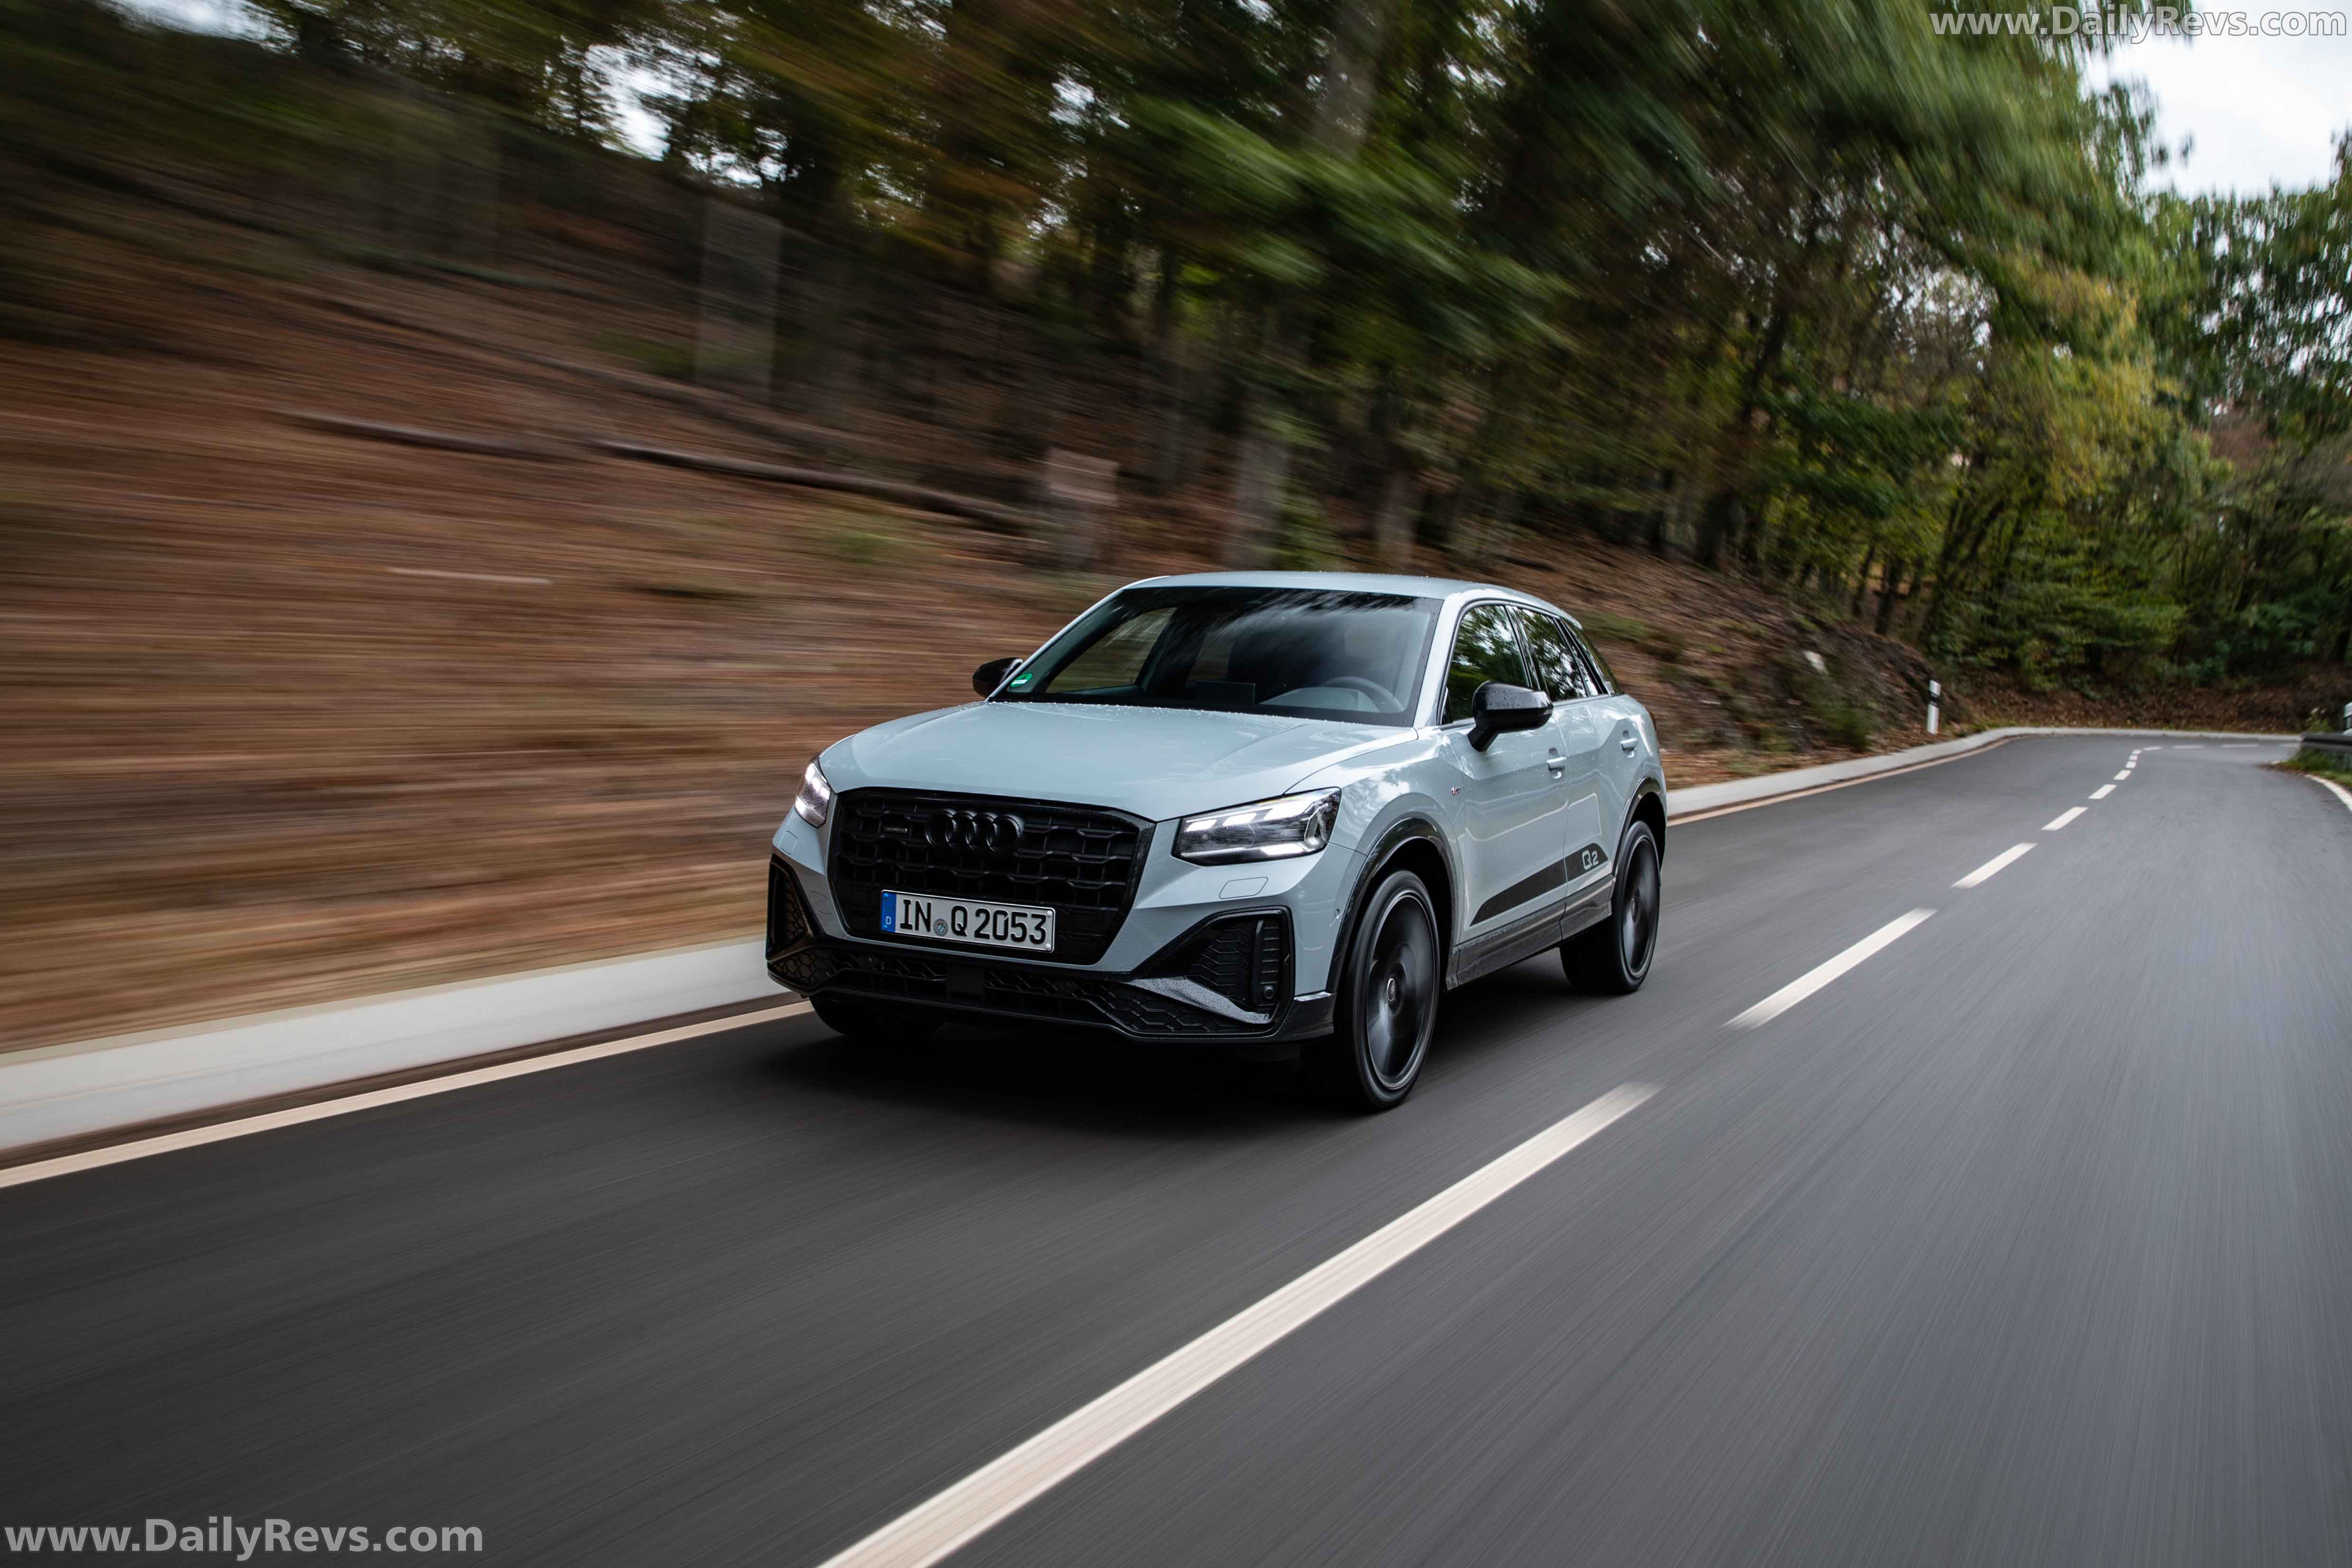 2021 Audi Q2 full